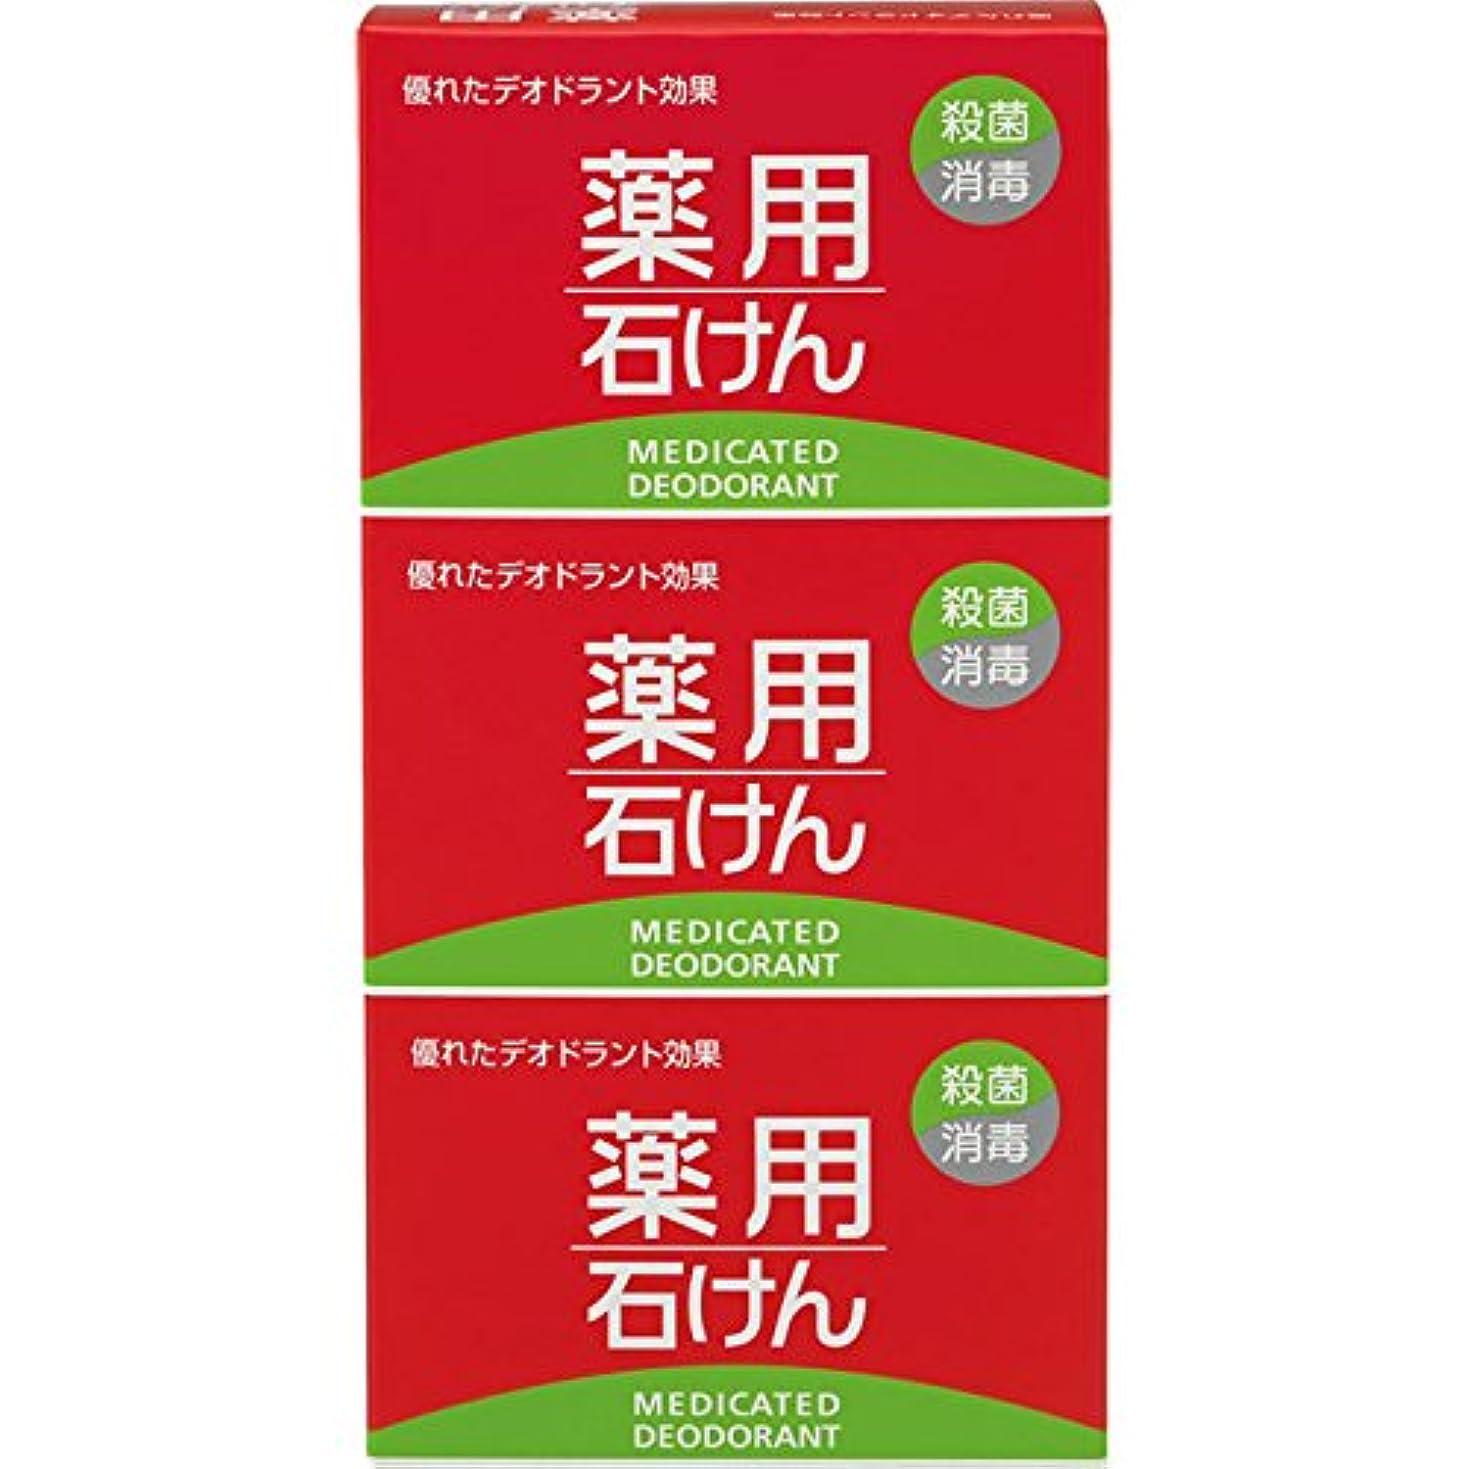 シンボル容器これまで熊野油脂 薬用石けん 100g×3個 (医薬部外品)